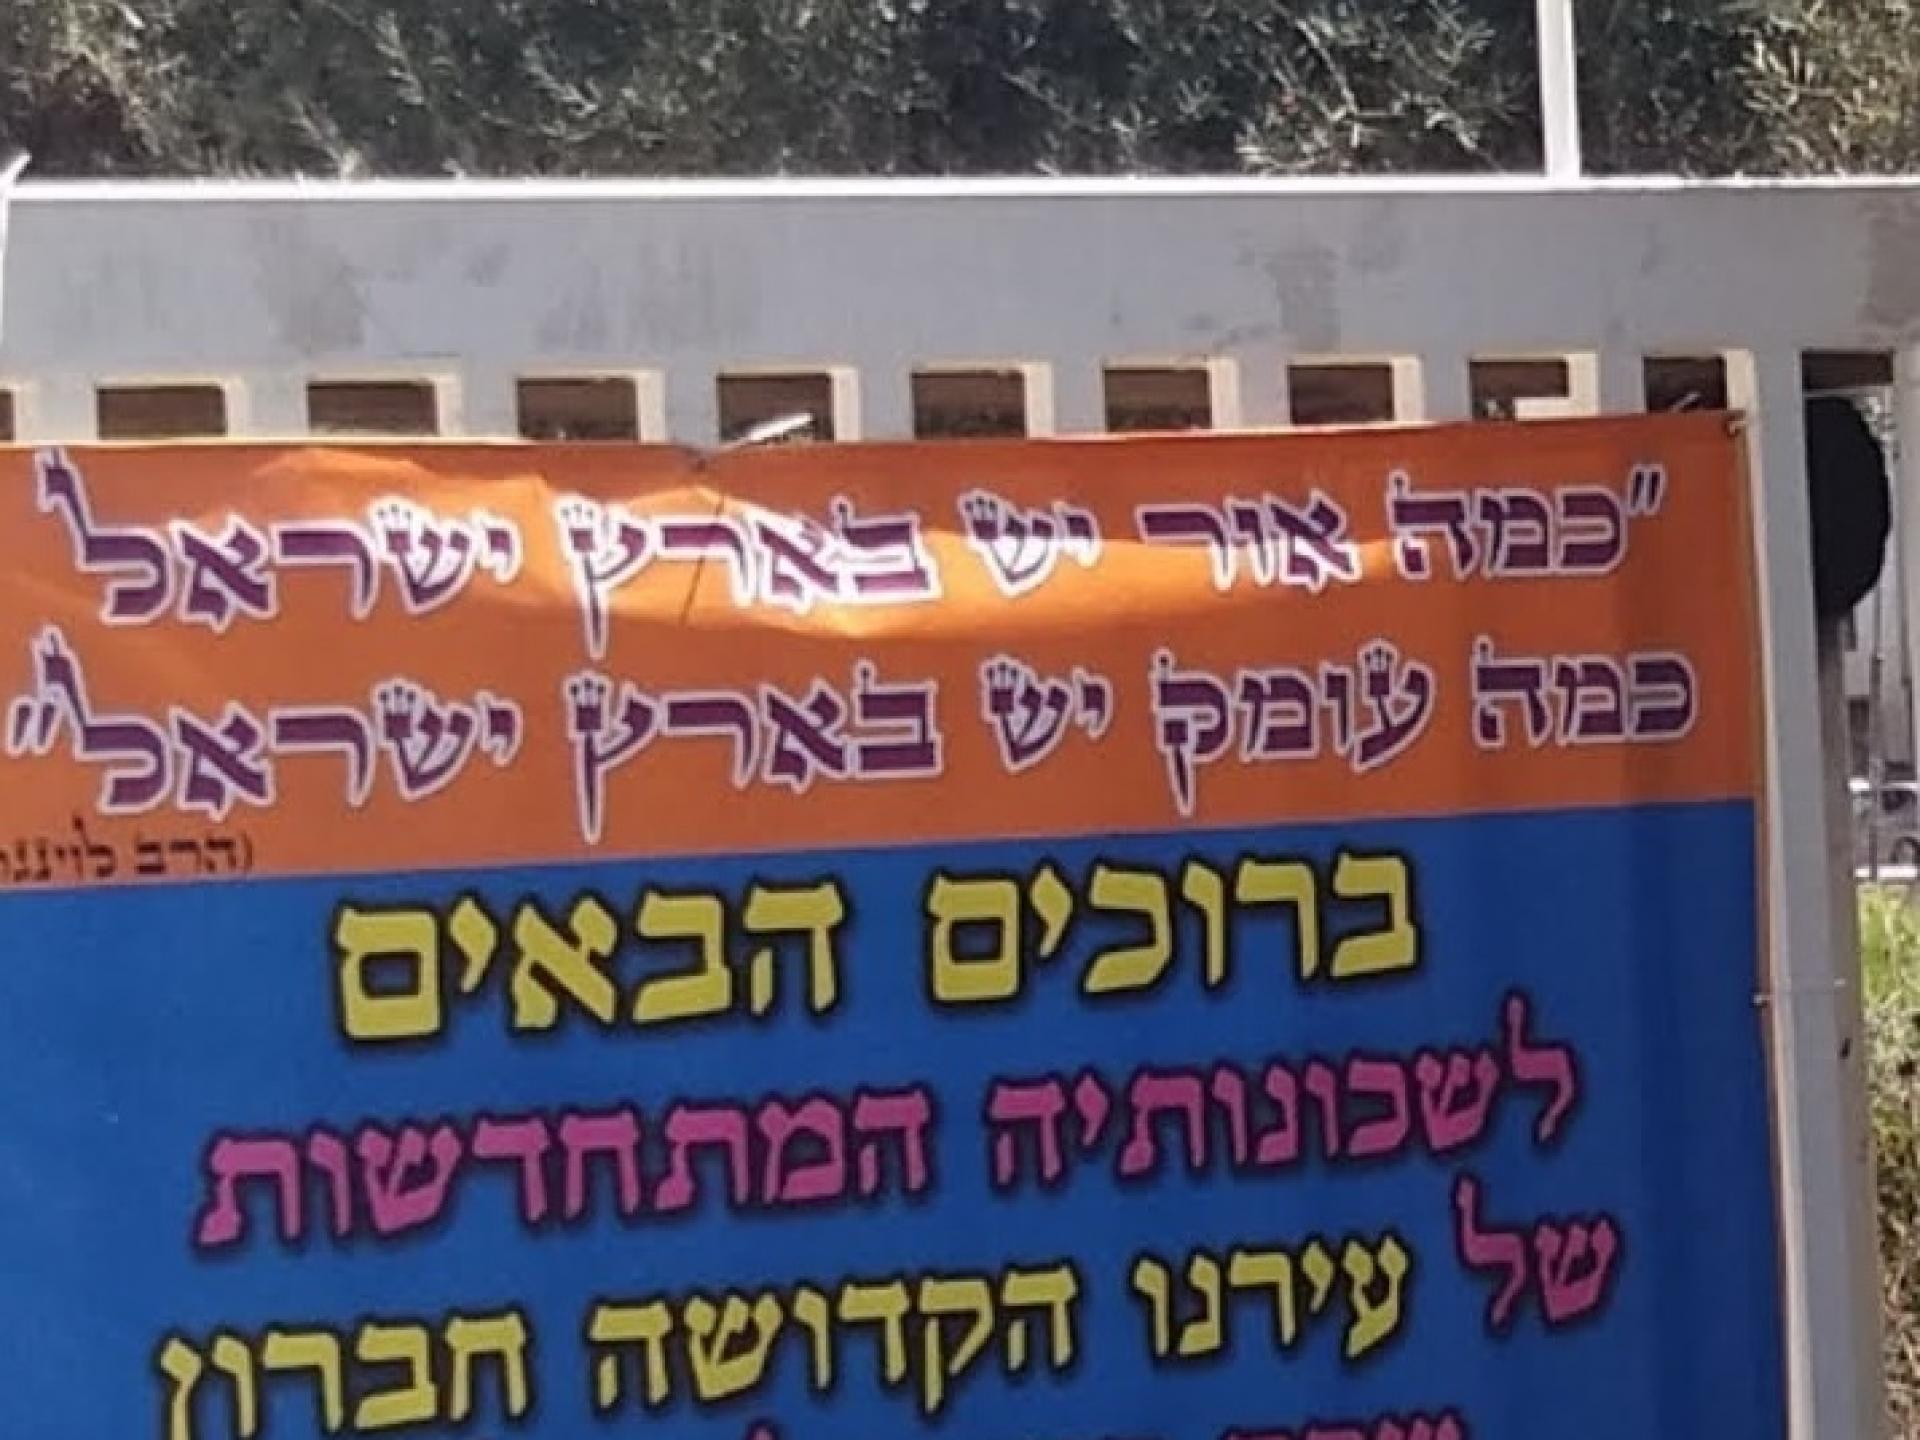 שלט חדש שנתלה באיזורים שונים בחברון מספר שוב את כל הספור